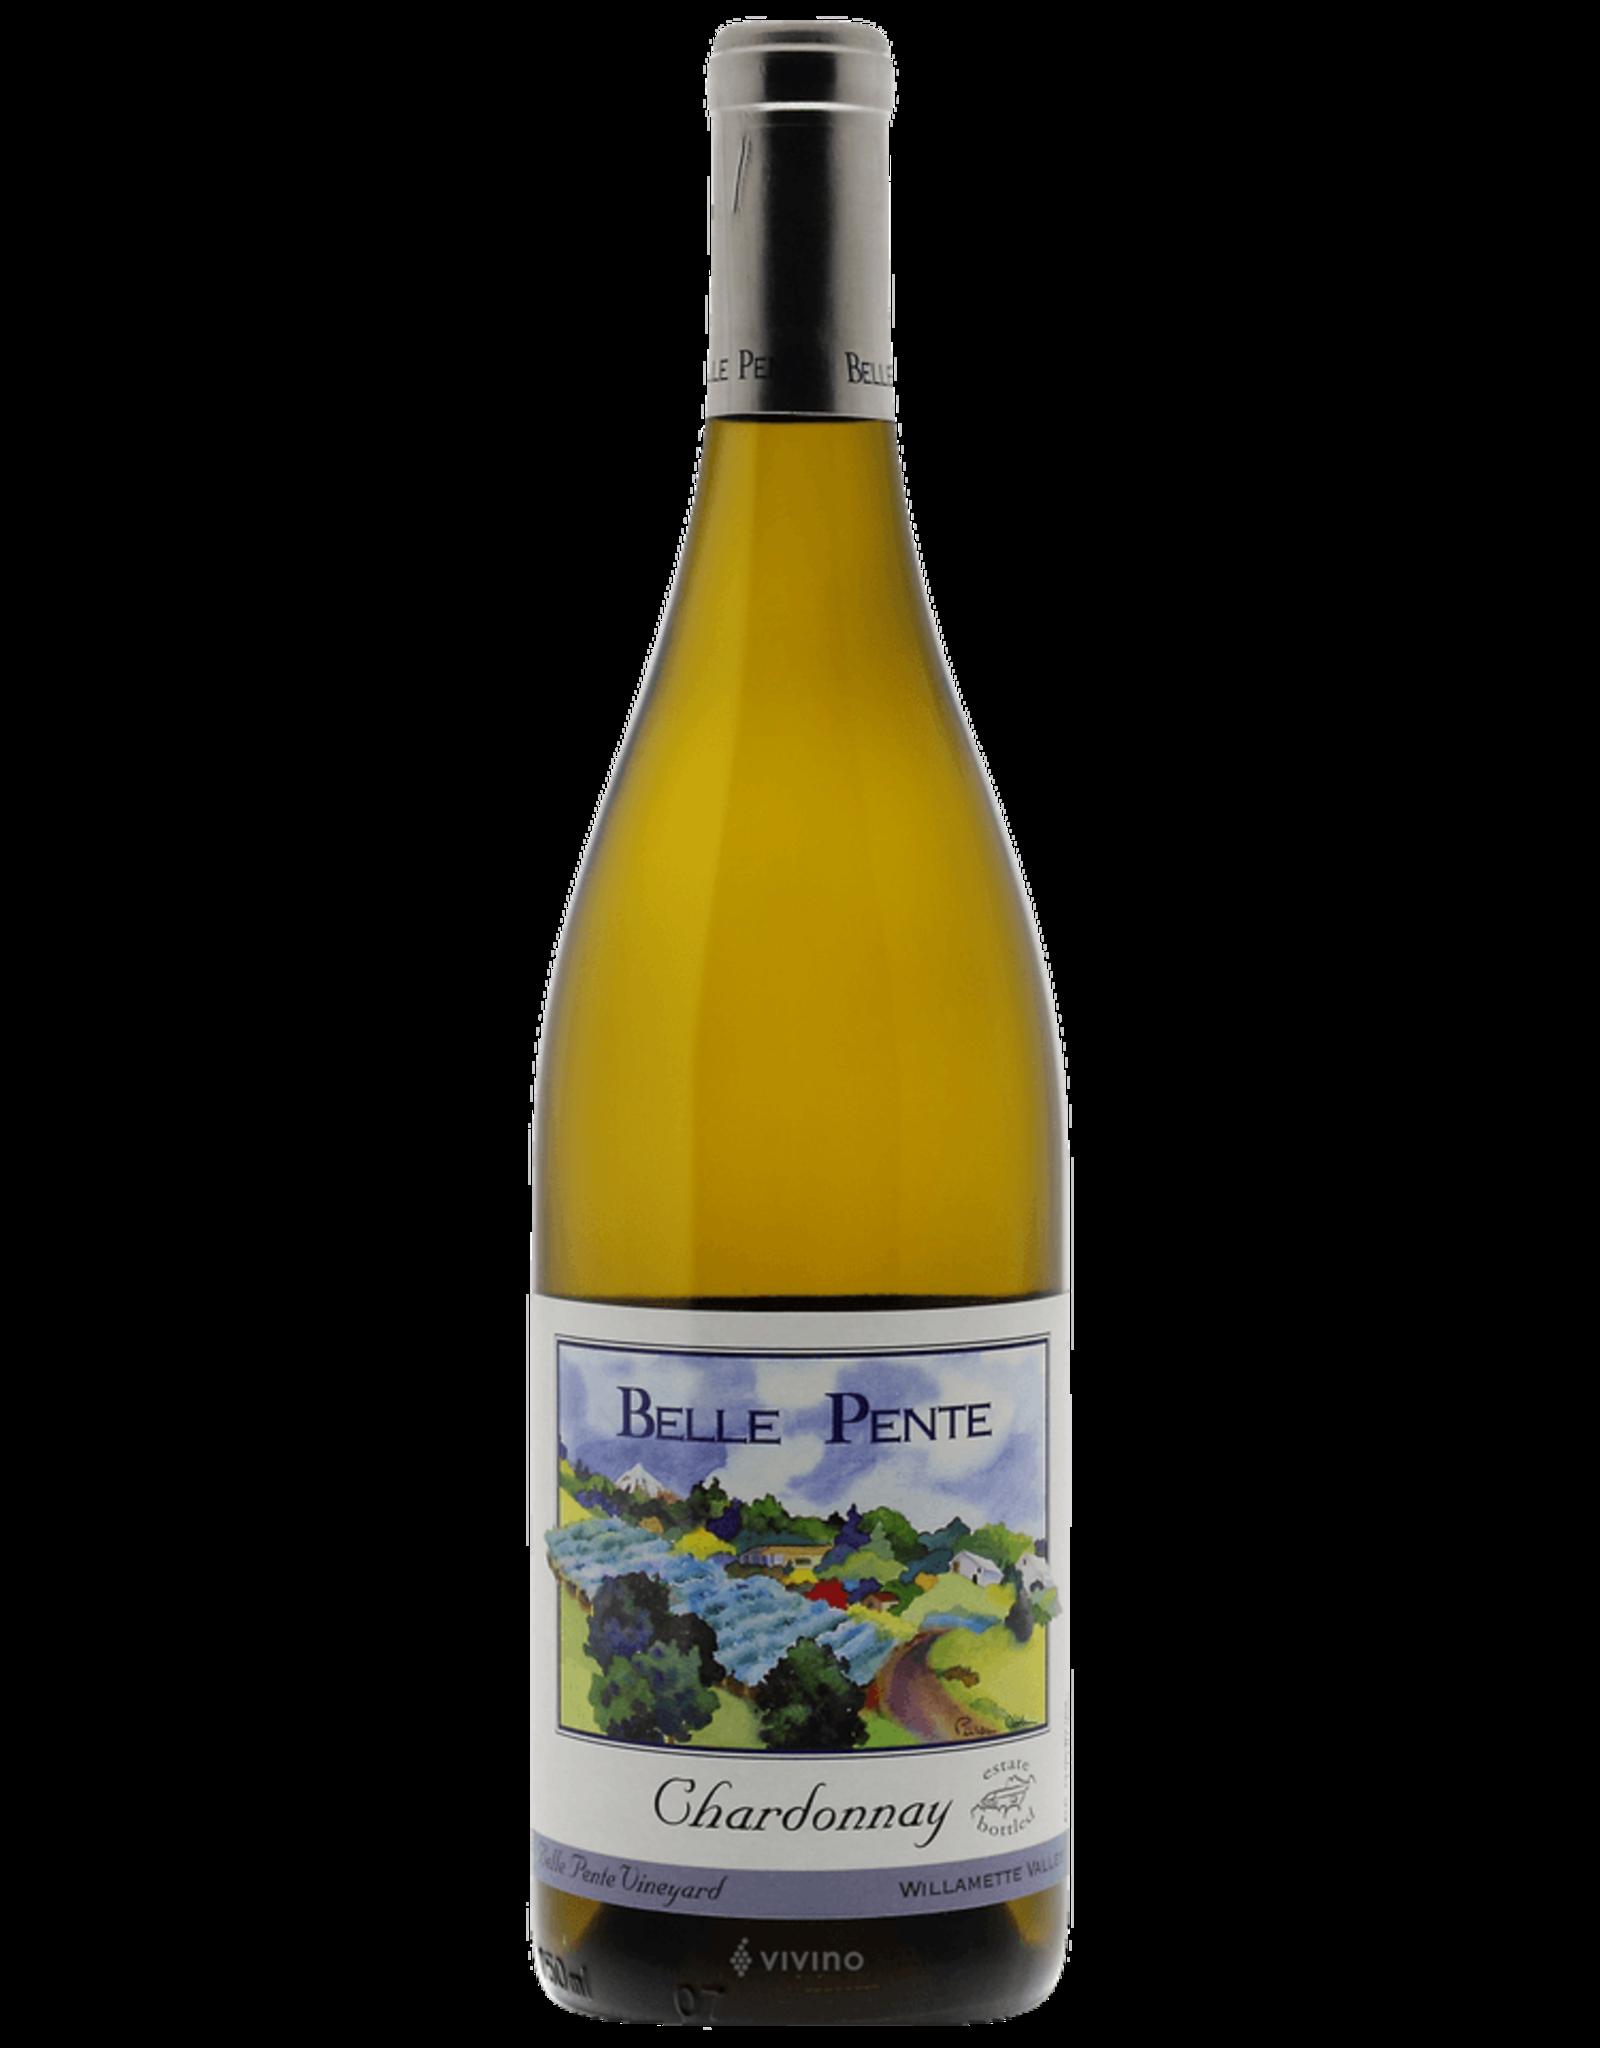 Belle Pente Belle Pente Chardonnay, Willamette Valley 2017